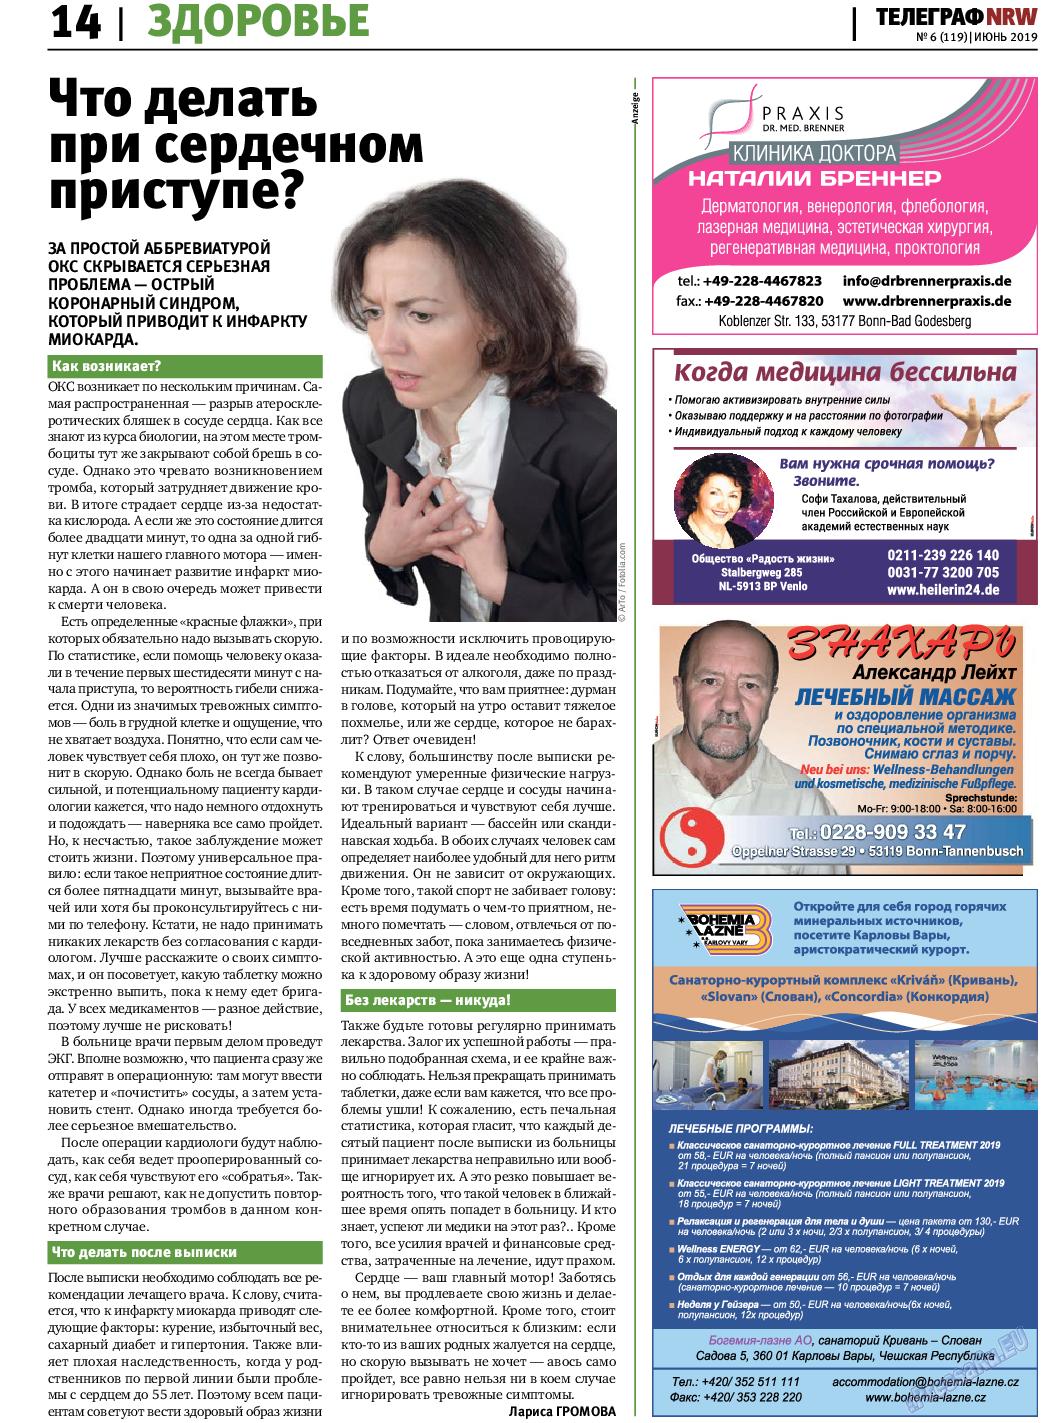 Телеграф NRW (газета). 2019 год, номер 6, стр. 14